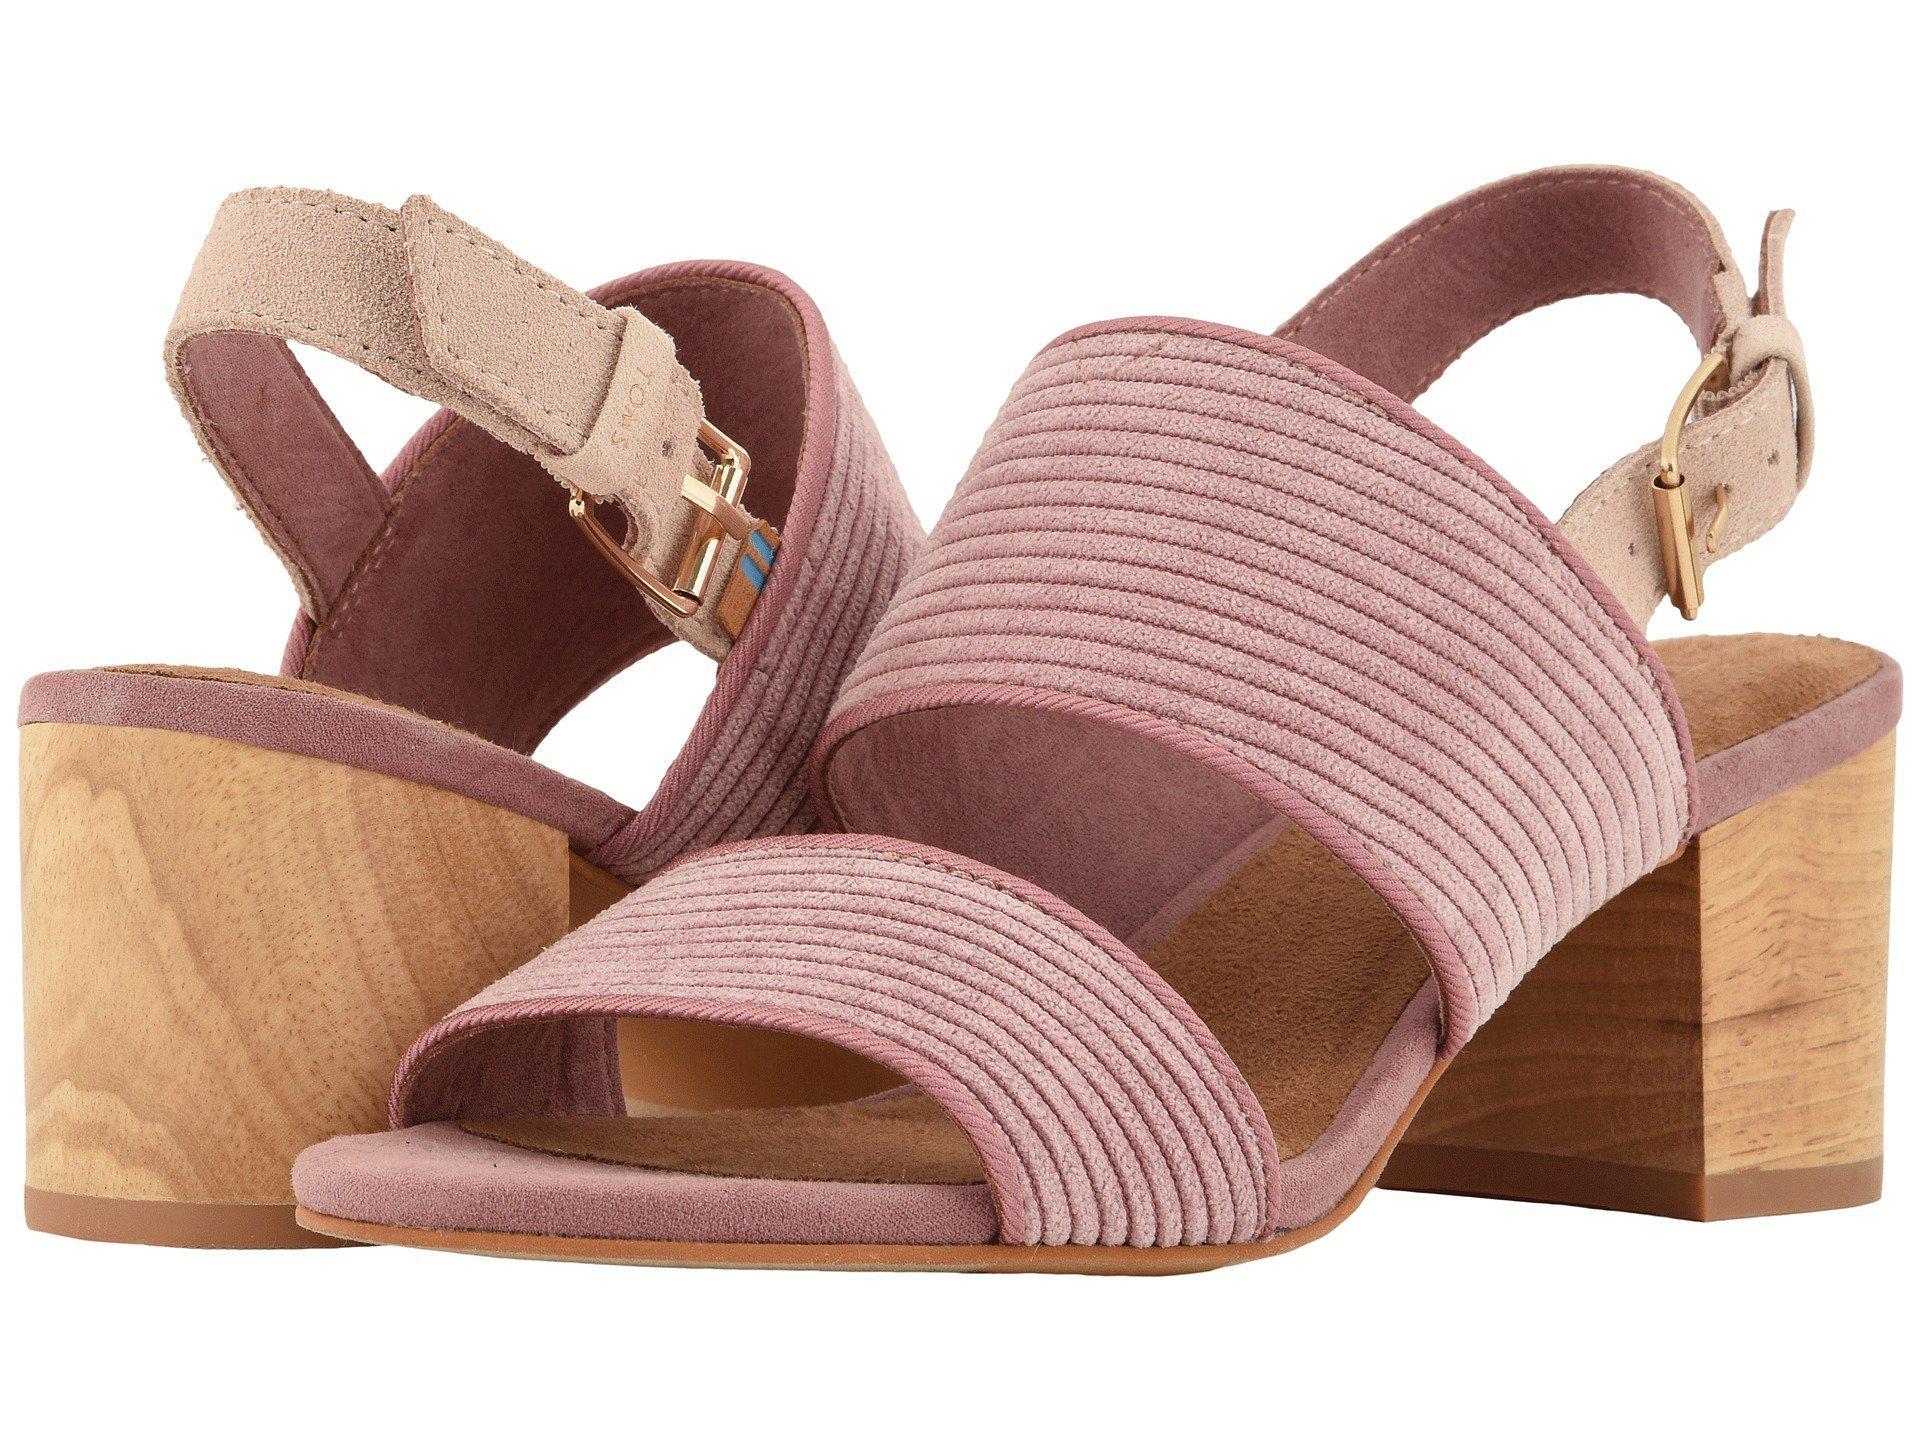 5f2a2416801 Lyst - TOMS Poppy (light Mauve Corduroy) Women s Sandals